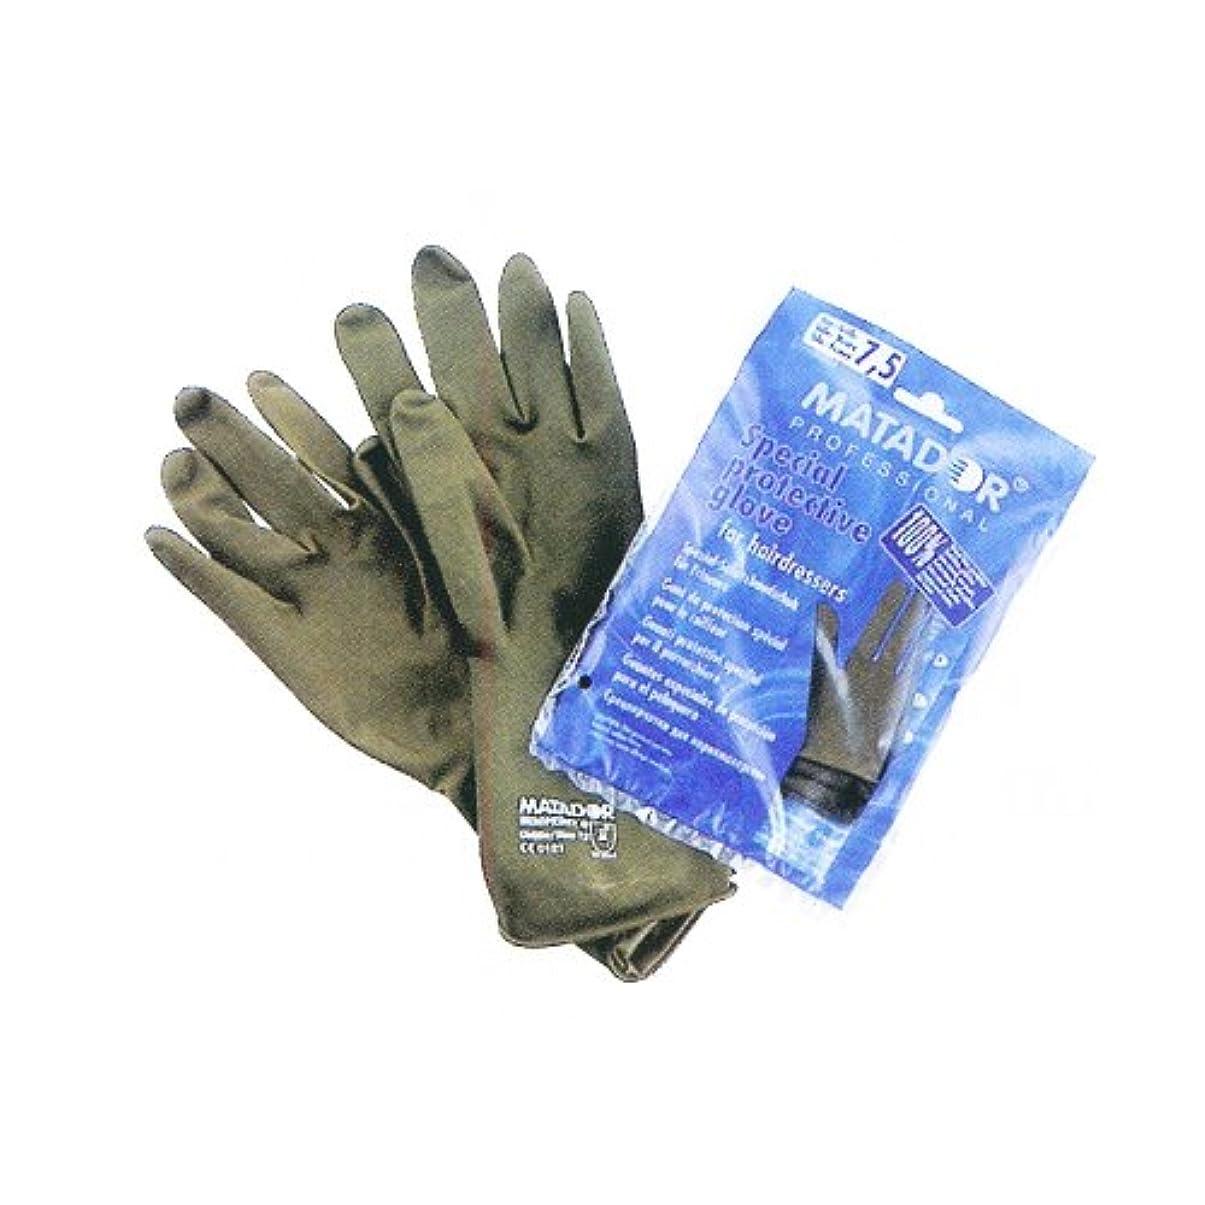 マタドールゴム手袋 7.0吋